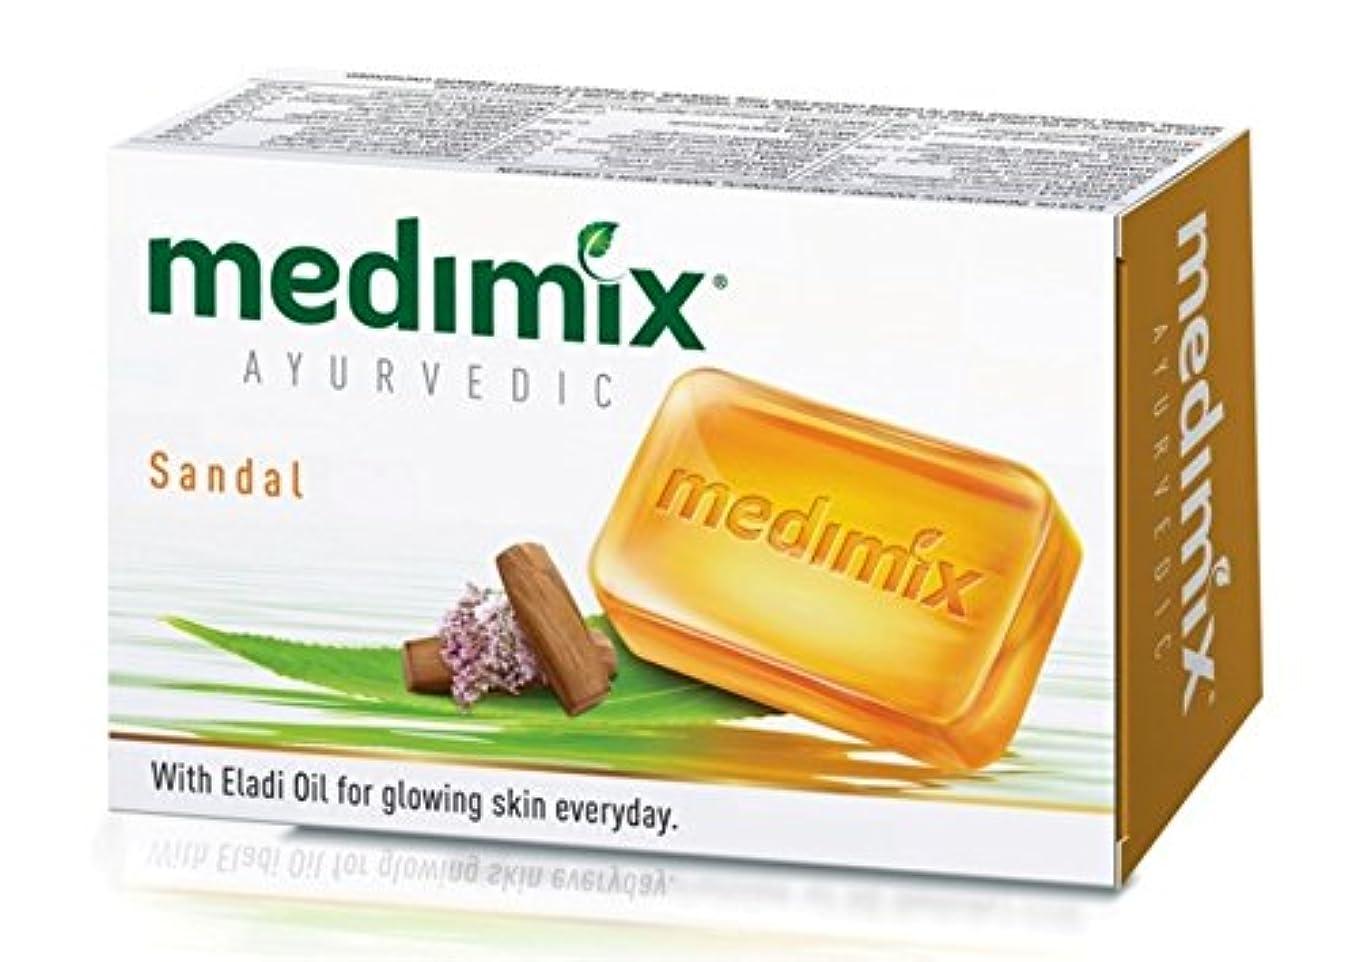 山積みのメナジェリーホバー【medimix国内正規品】メディミックス Sandal ハーブから作られたオーガニック石鹸